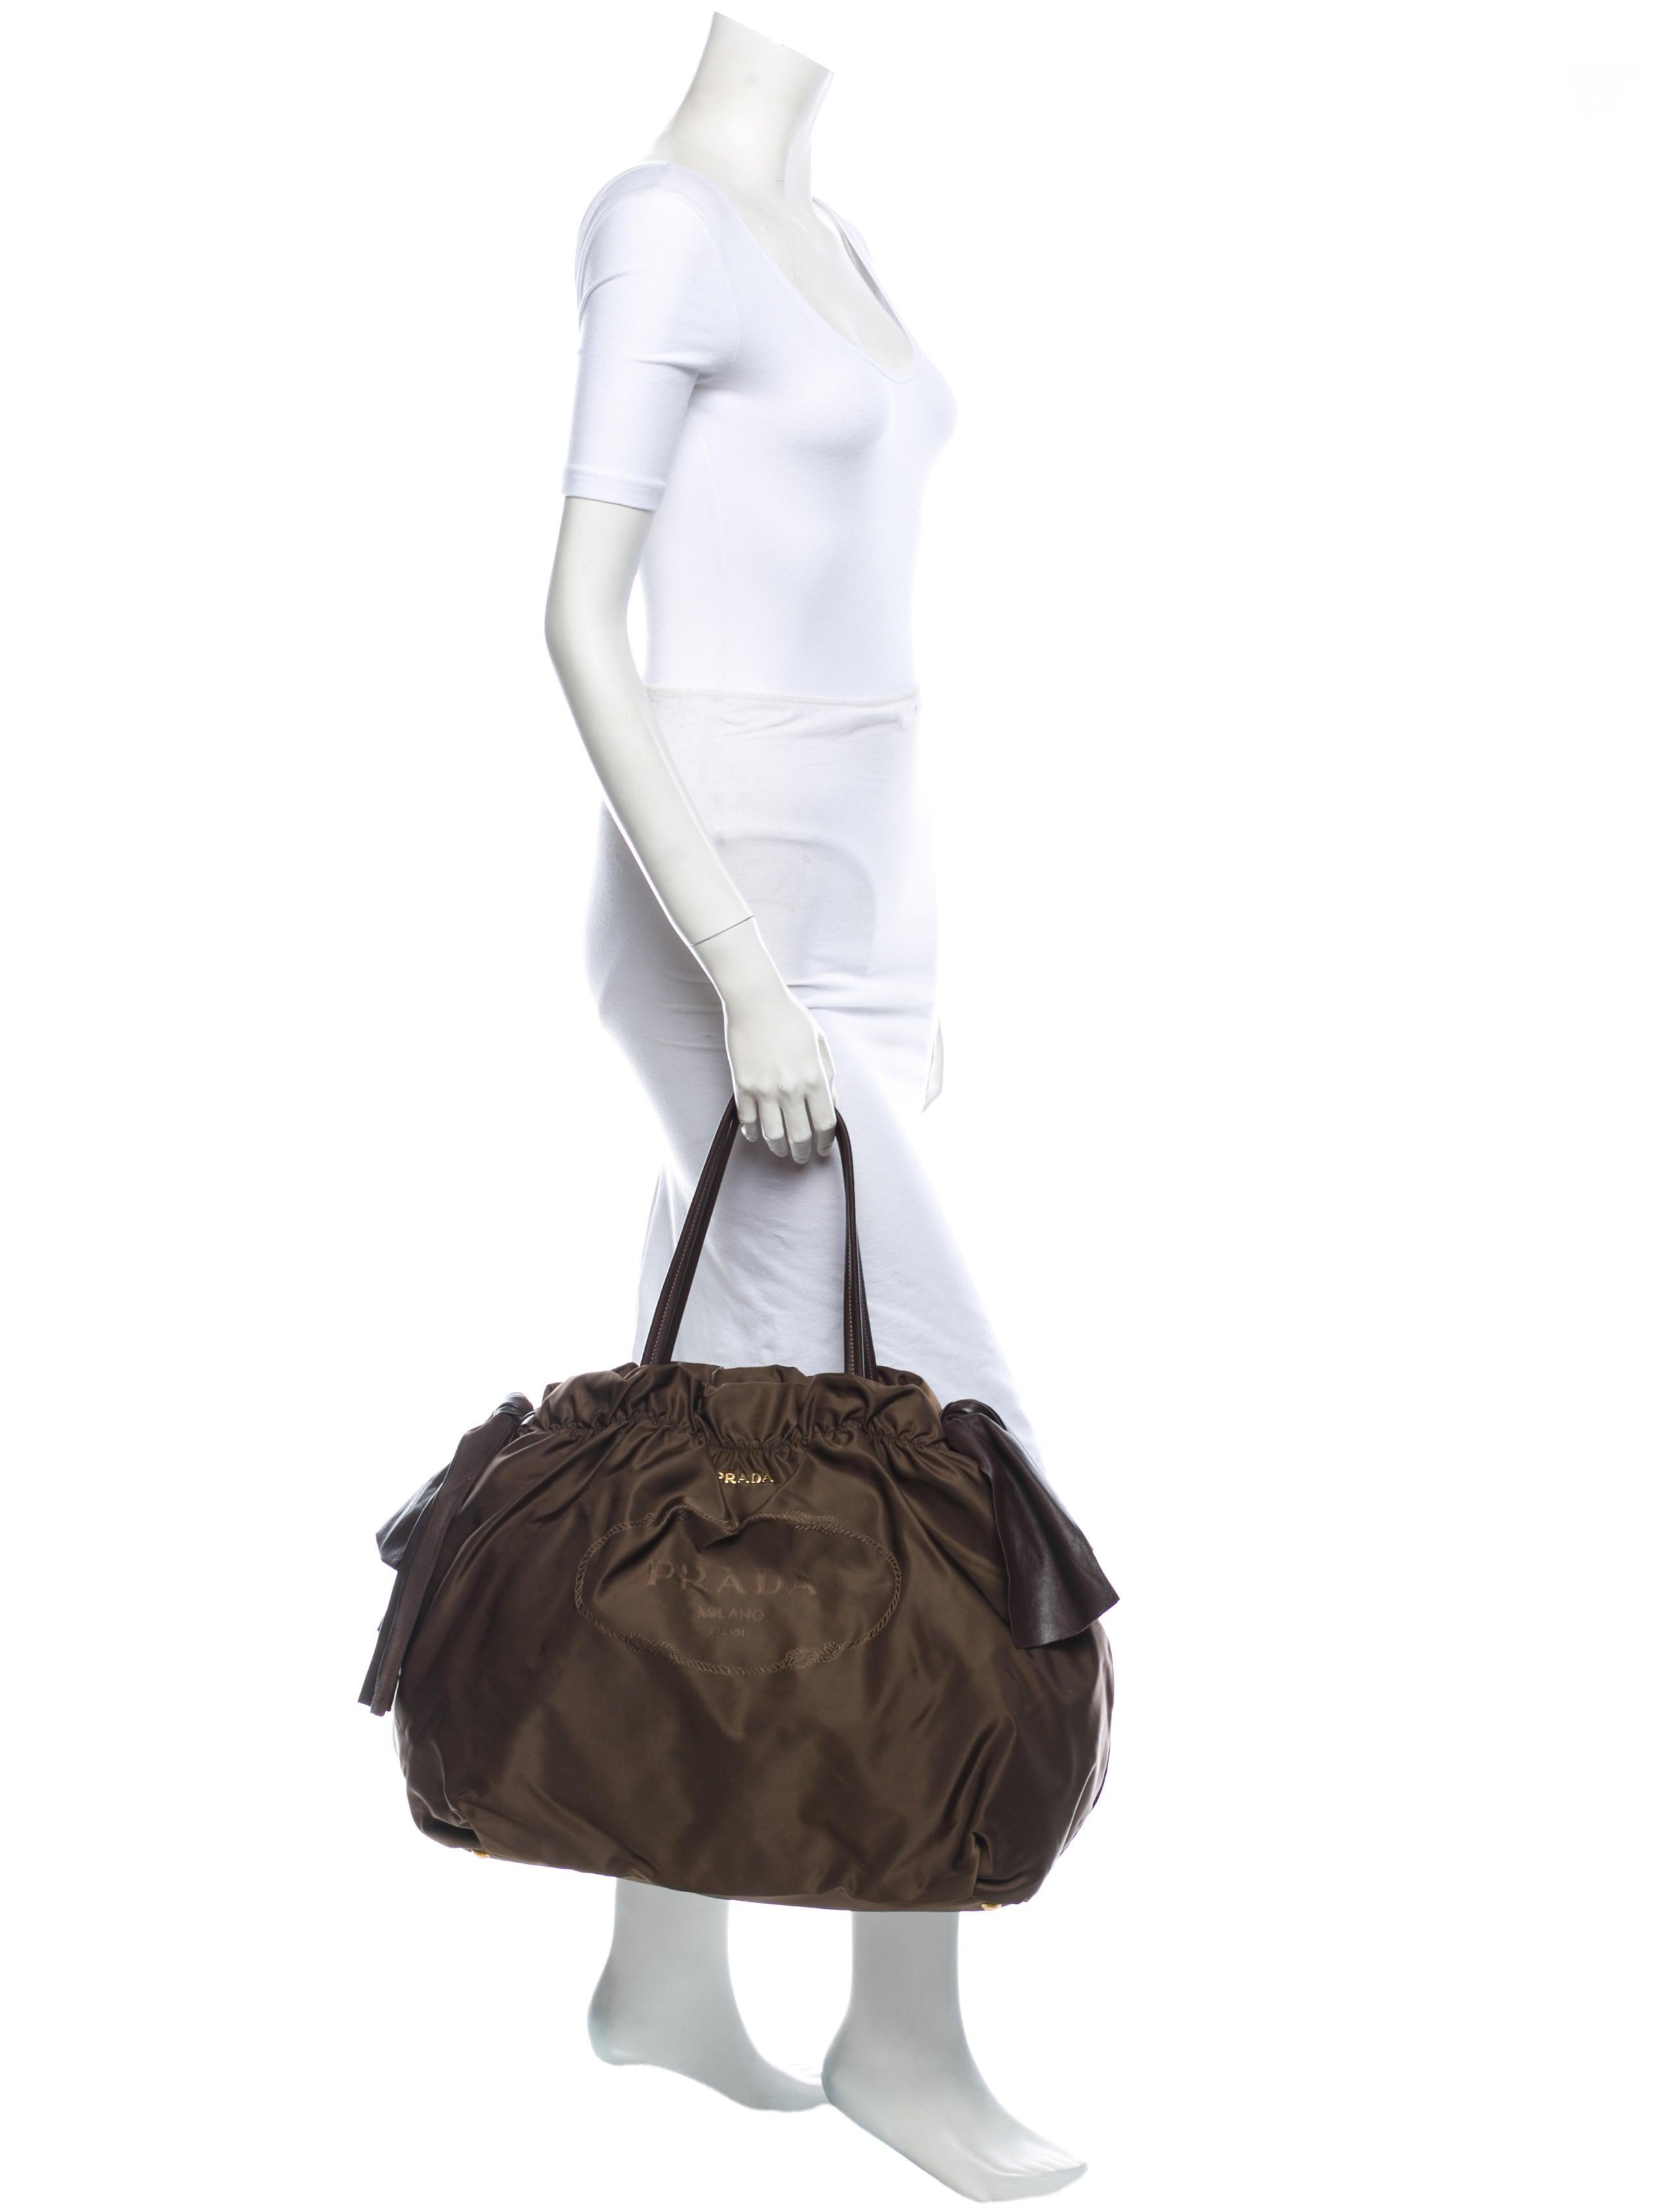 071d41f1e0e22d prada saffiano mens bag - Prada Tessuto Bow Tie Bag - Handbags - PRA41095 |  The. Prada Women\u0026#39;s ...